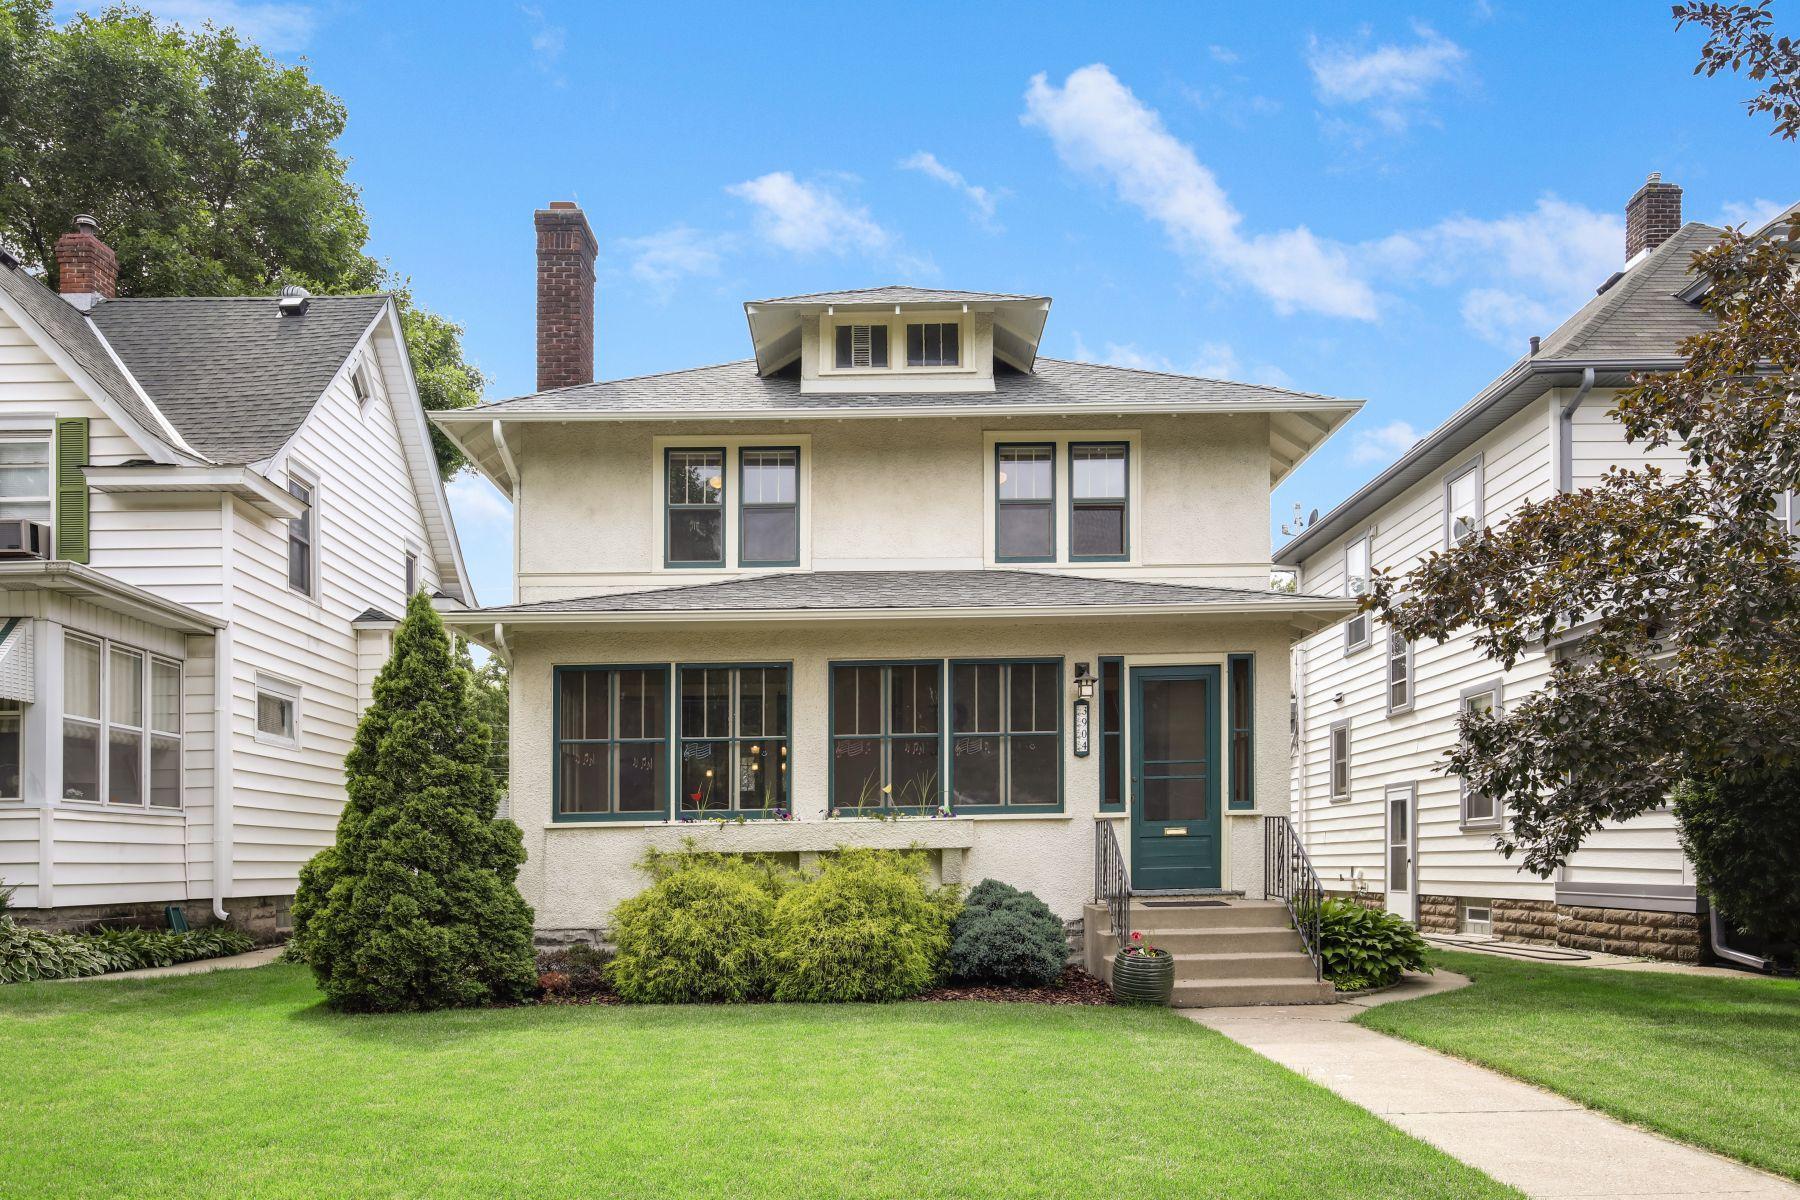 3904 Pleasant Property Photo - Minneapolis, MN real estate listing